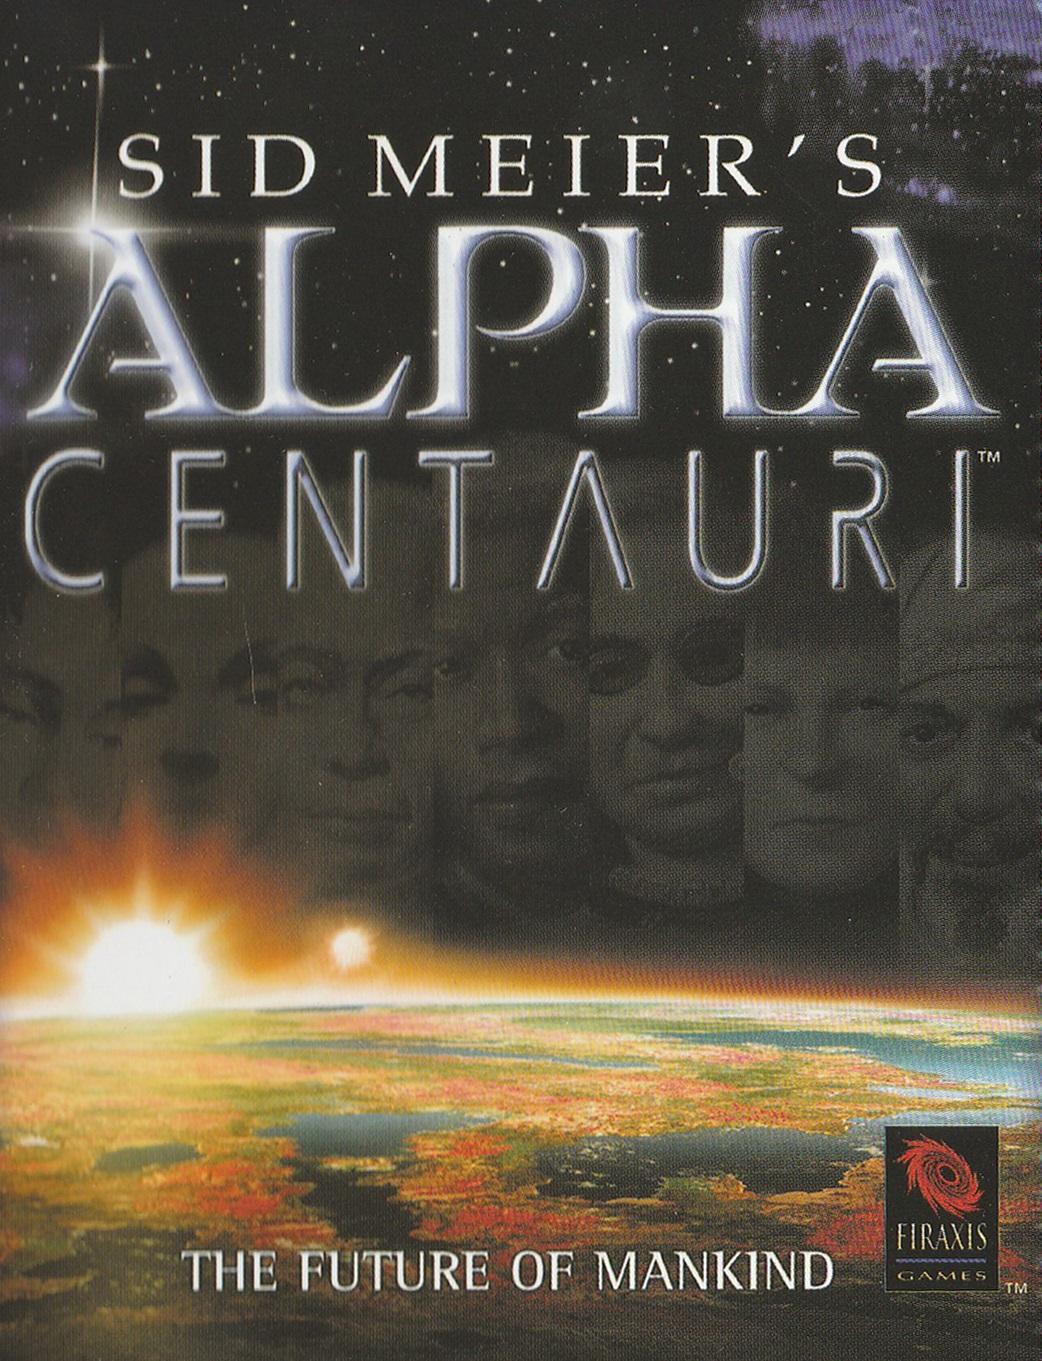 Sid Meier's Alpha Centauri cover